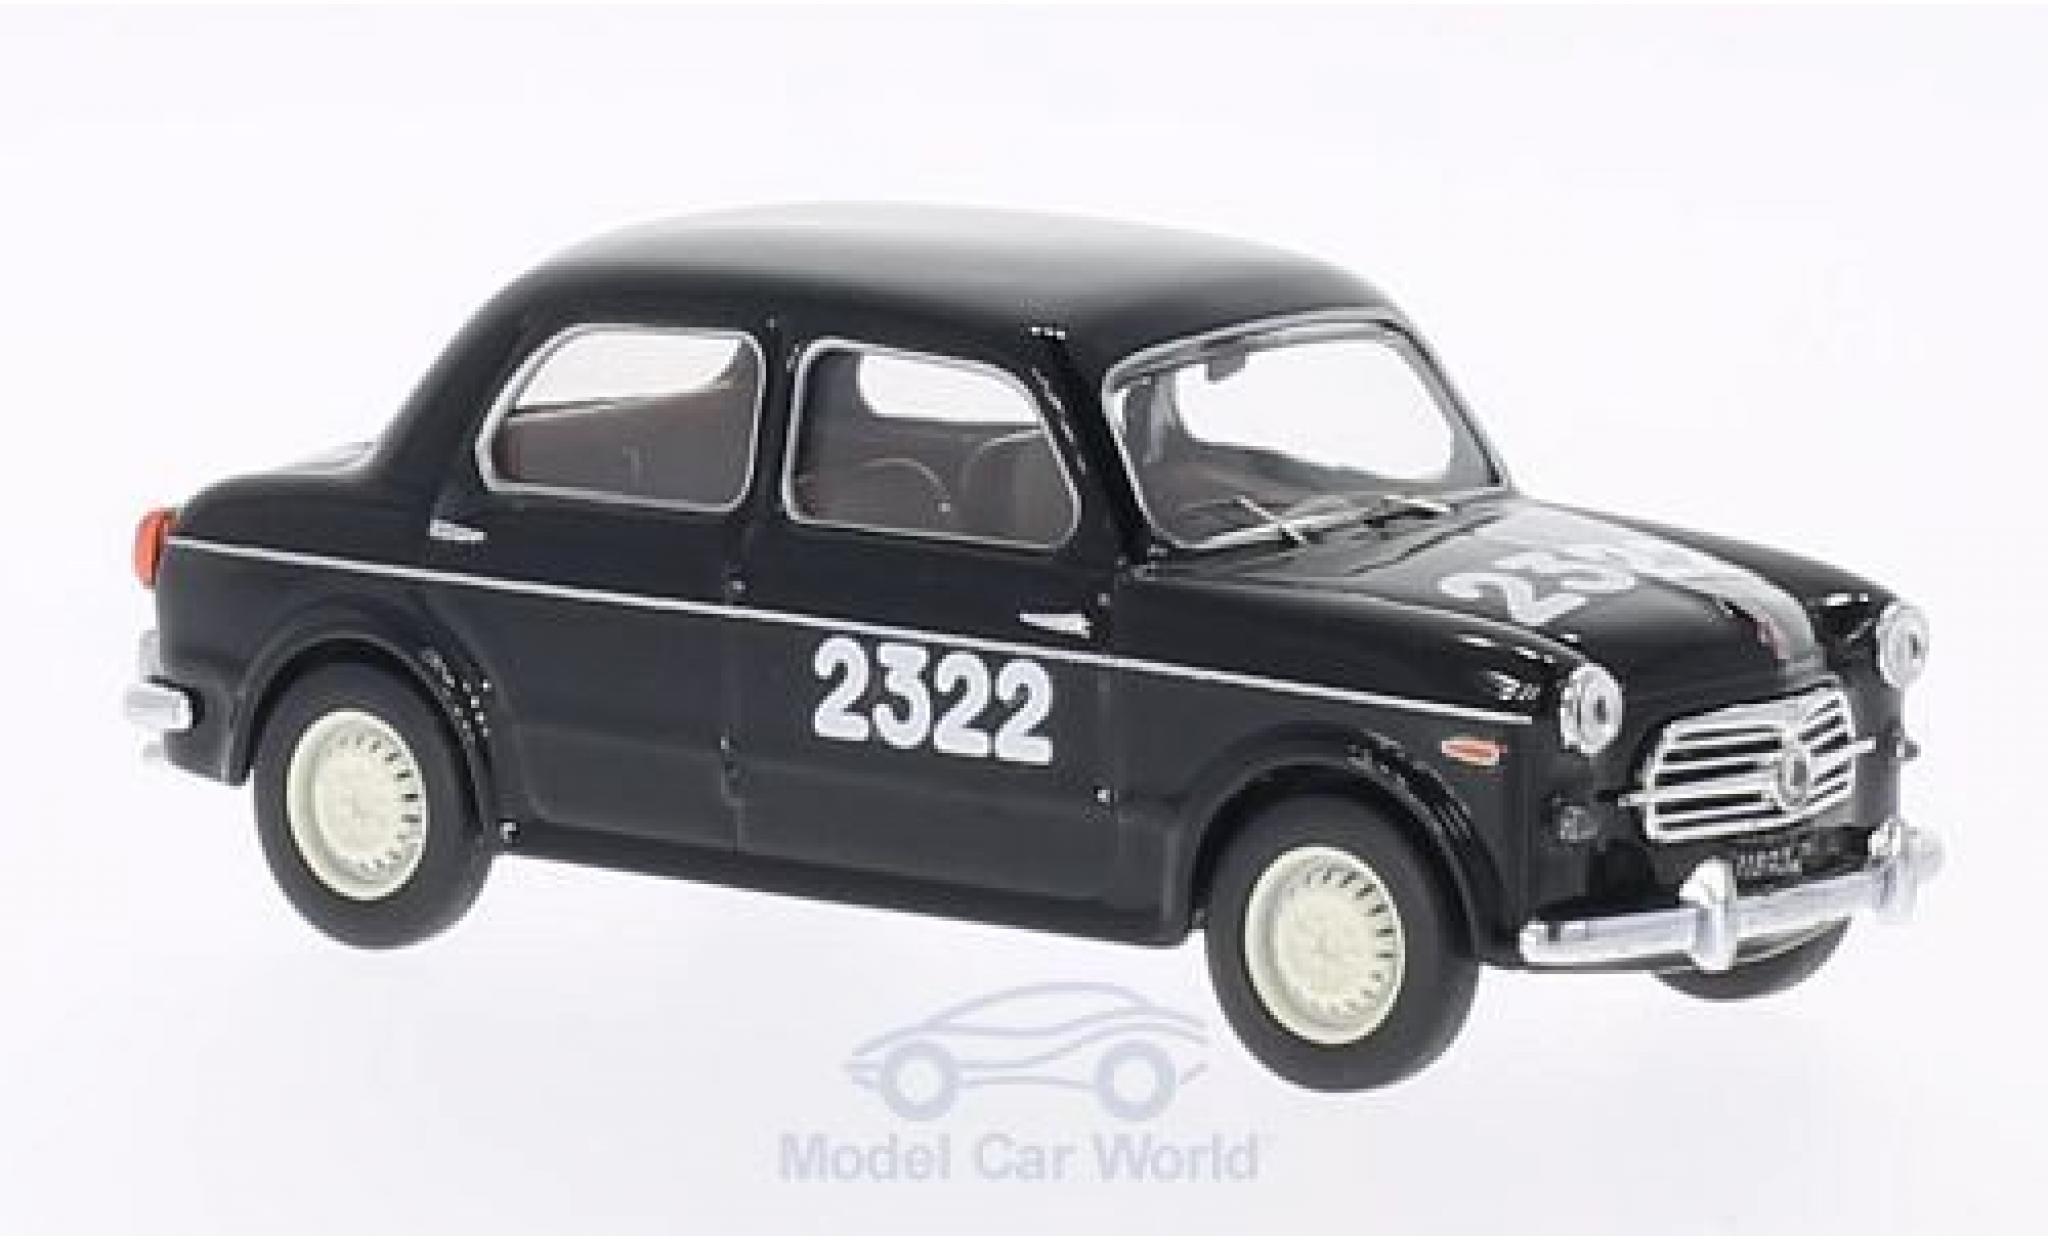 Fiat 1100 1955 1/43 Rio /103 No.2322 Mille Miglia 1955 P.Tagliani/F.de Angelis